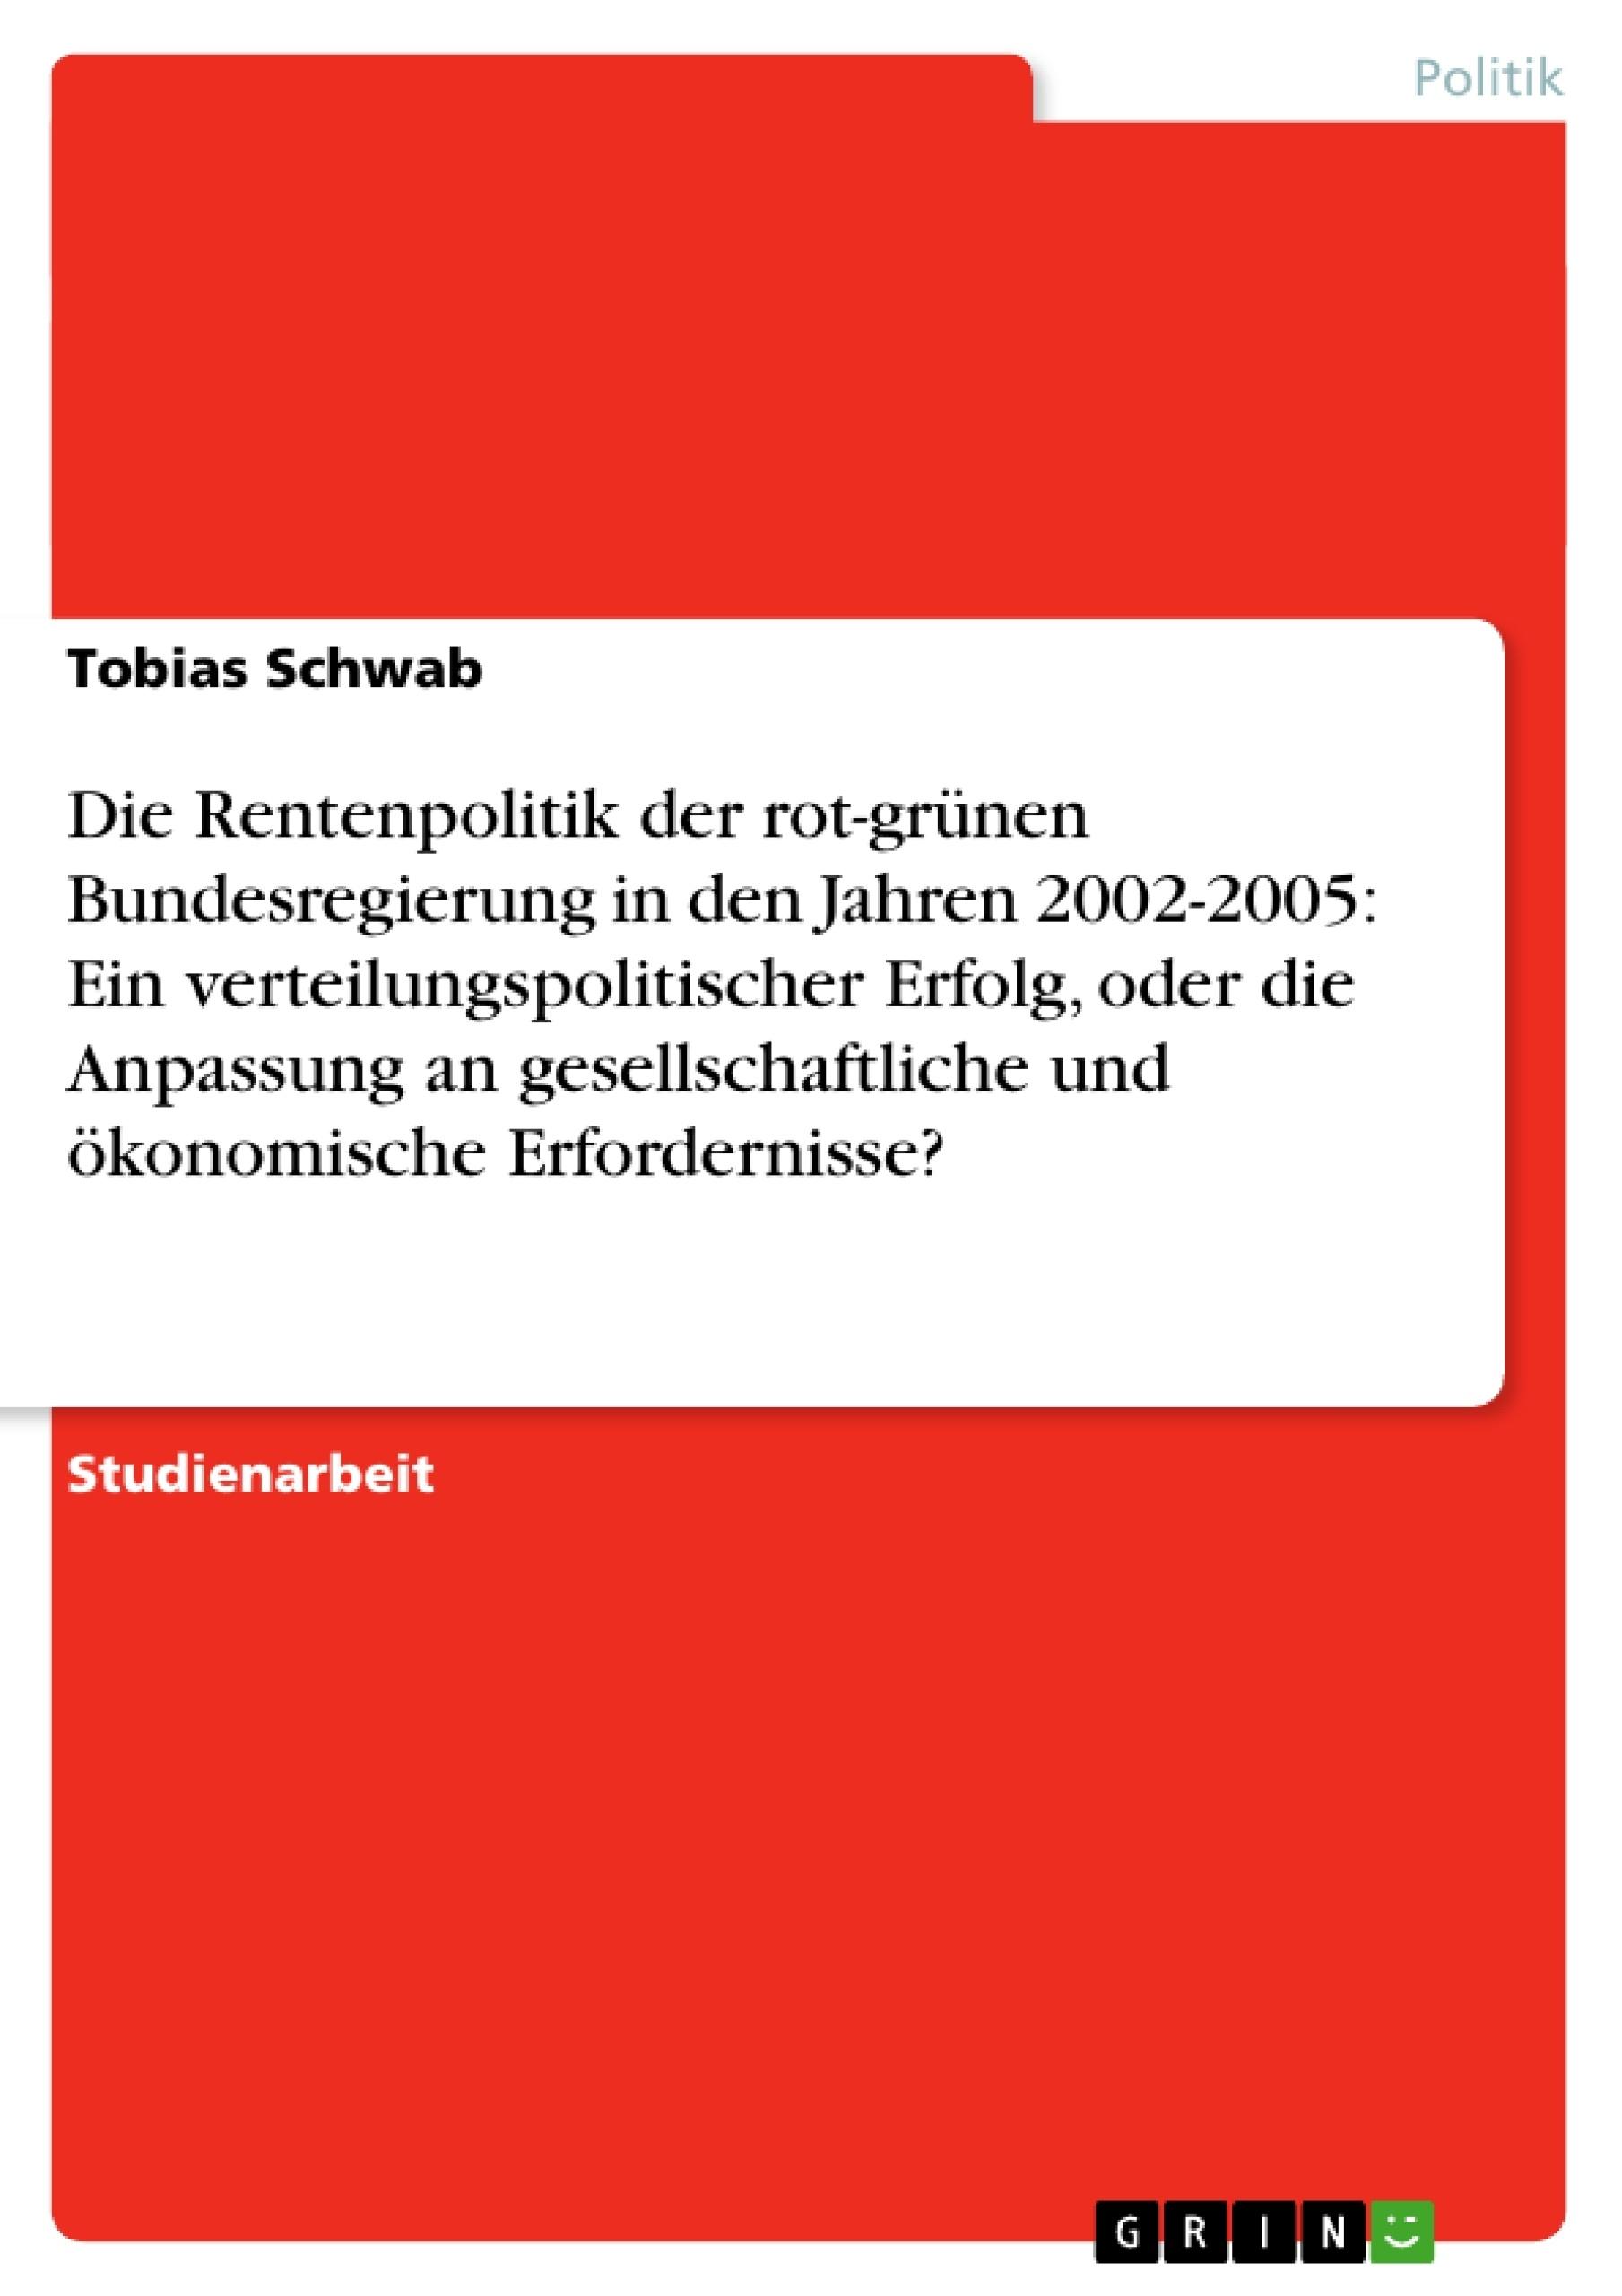 Titel: Die Rentenpolitik der rot-grünen Bundesregierung in den Jahren 2002-2005: Ein verteilungspolitischer Erfolg, oder die Anpassung an gesellschaftliche und ökonomische Erfordernisse?